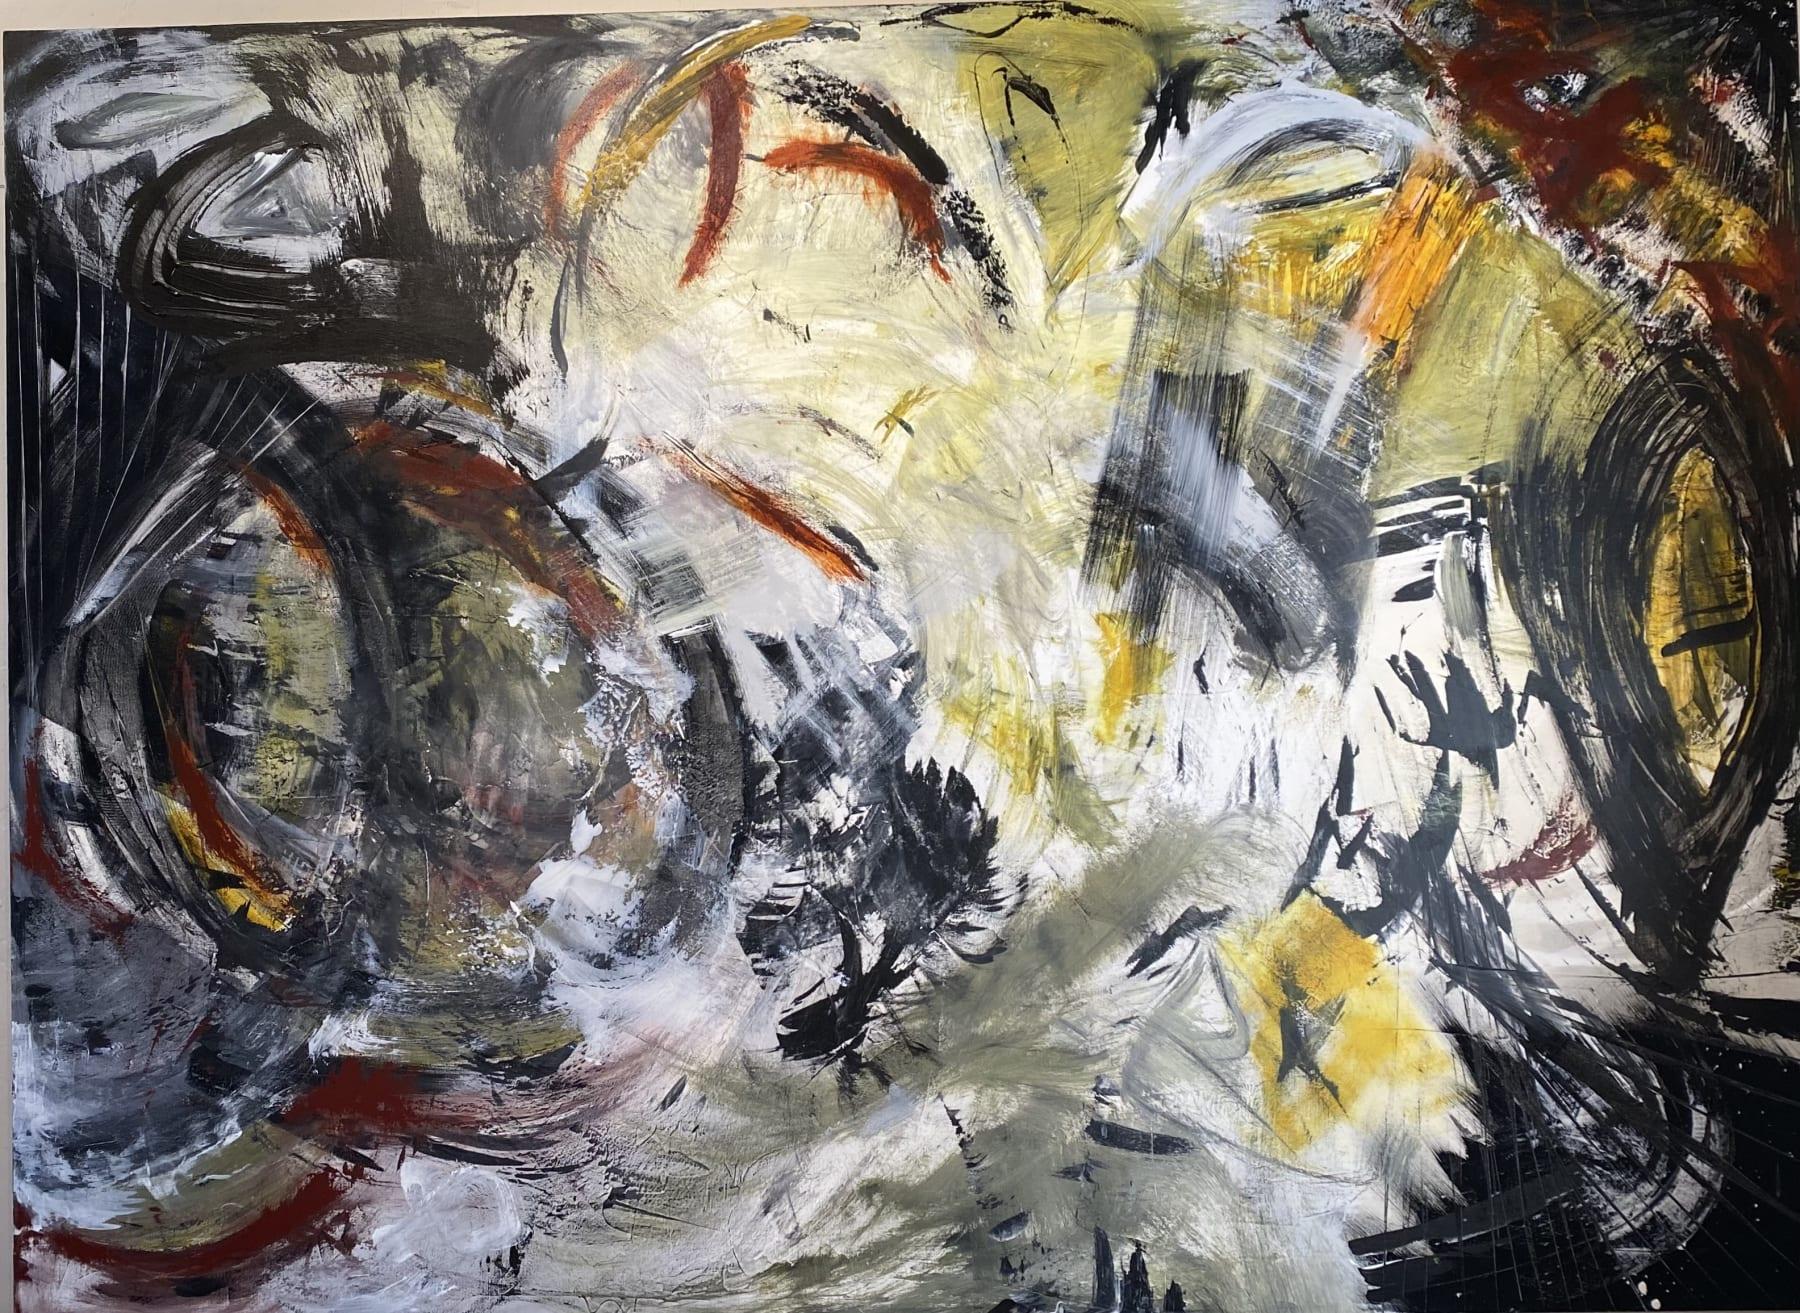 Patricia Qualls, Untitled, 2021